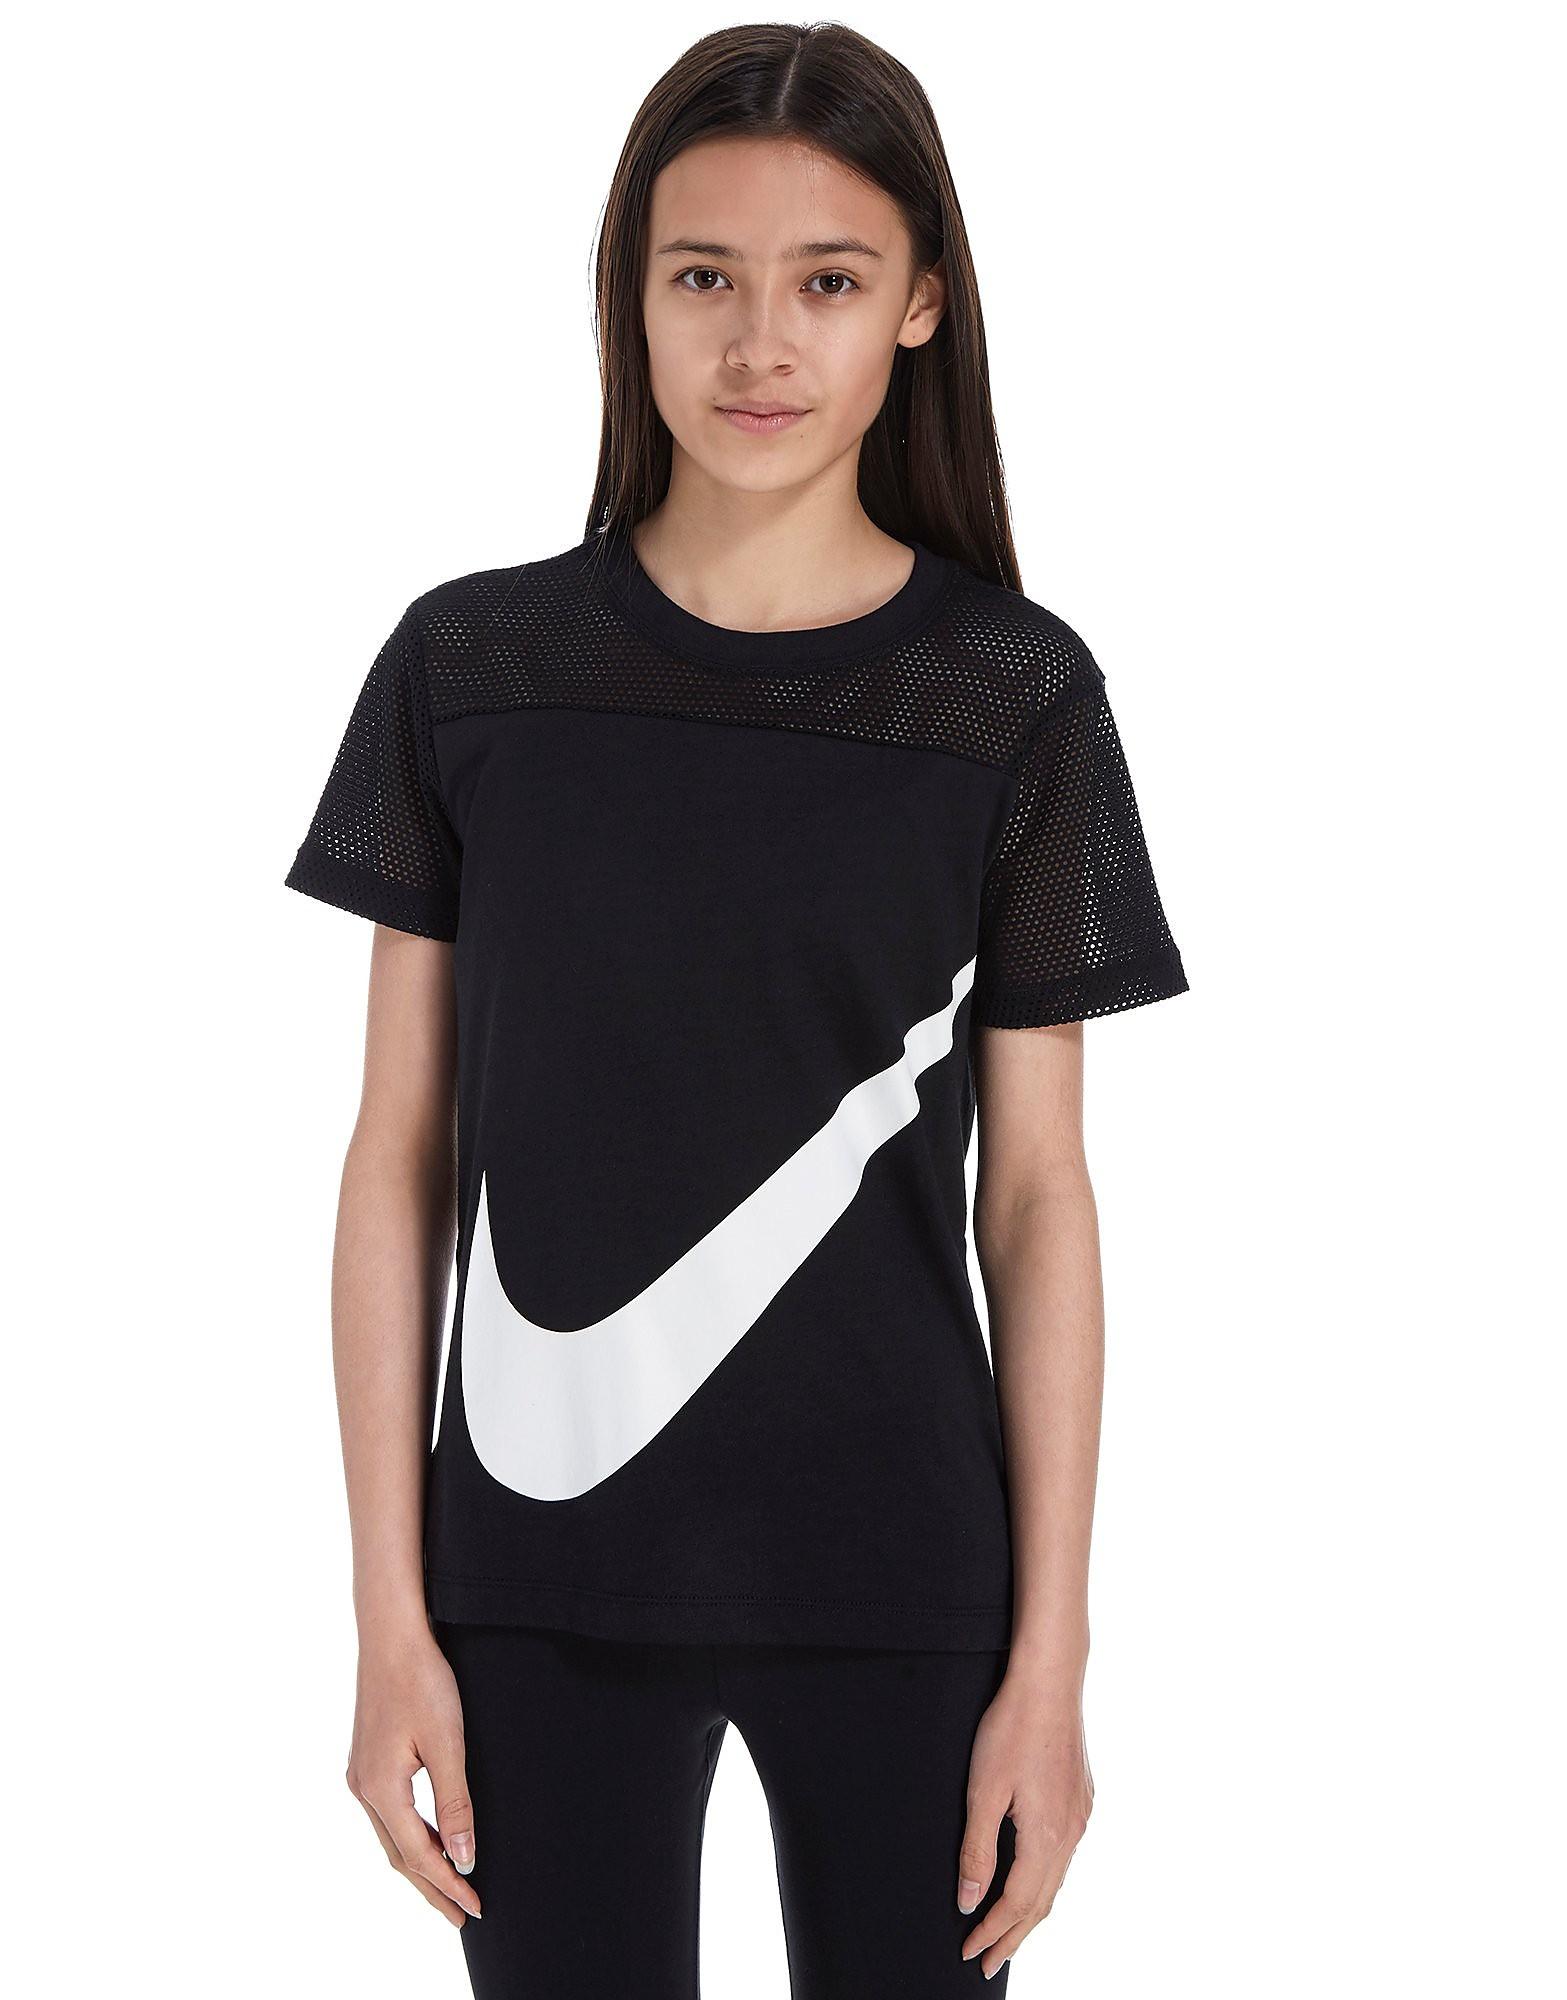 Nike Girls' Graphic T-Shirt Junior